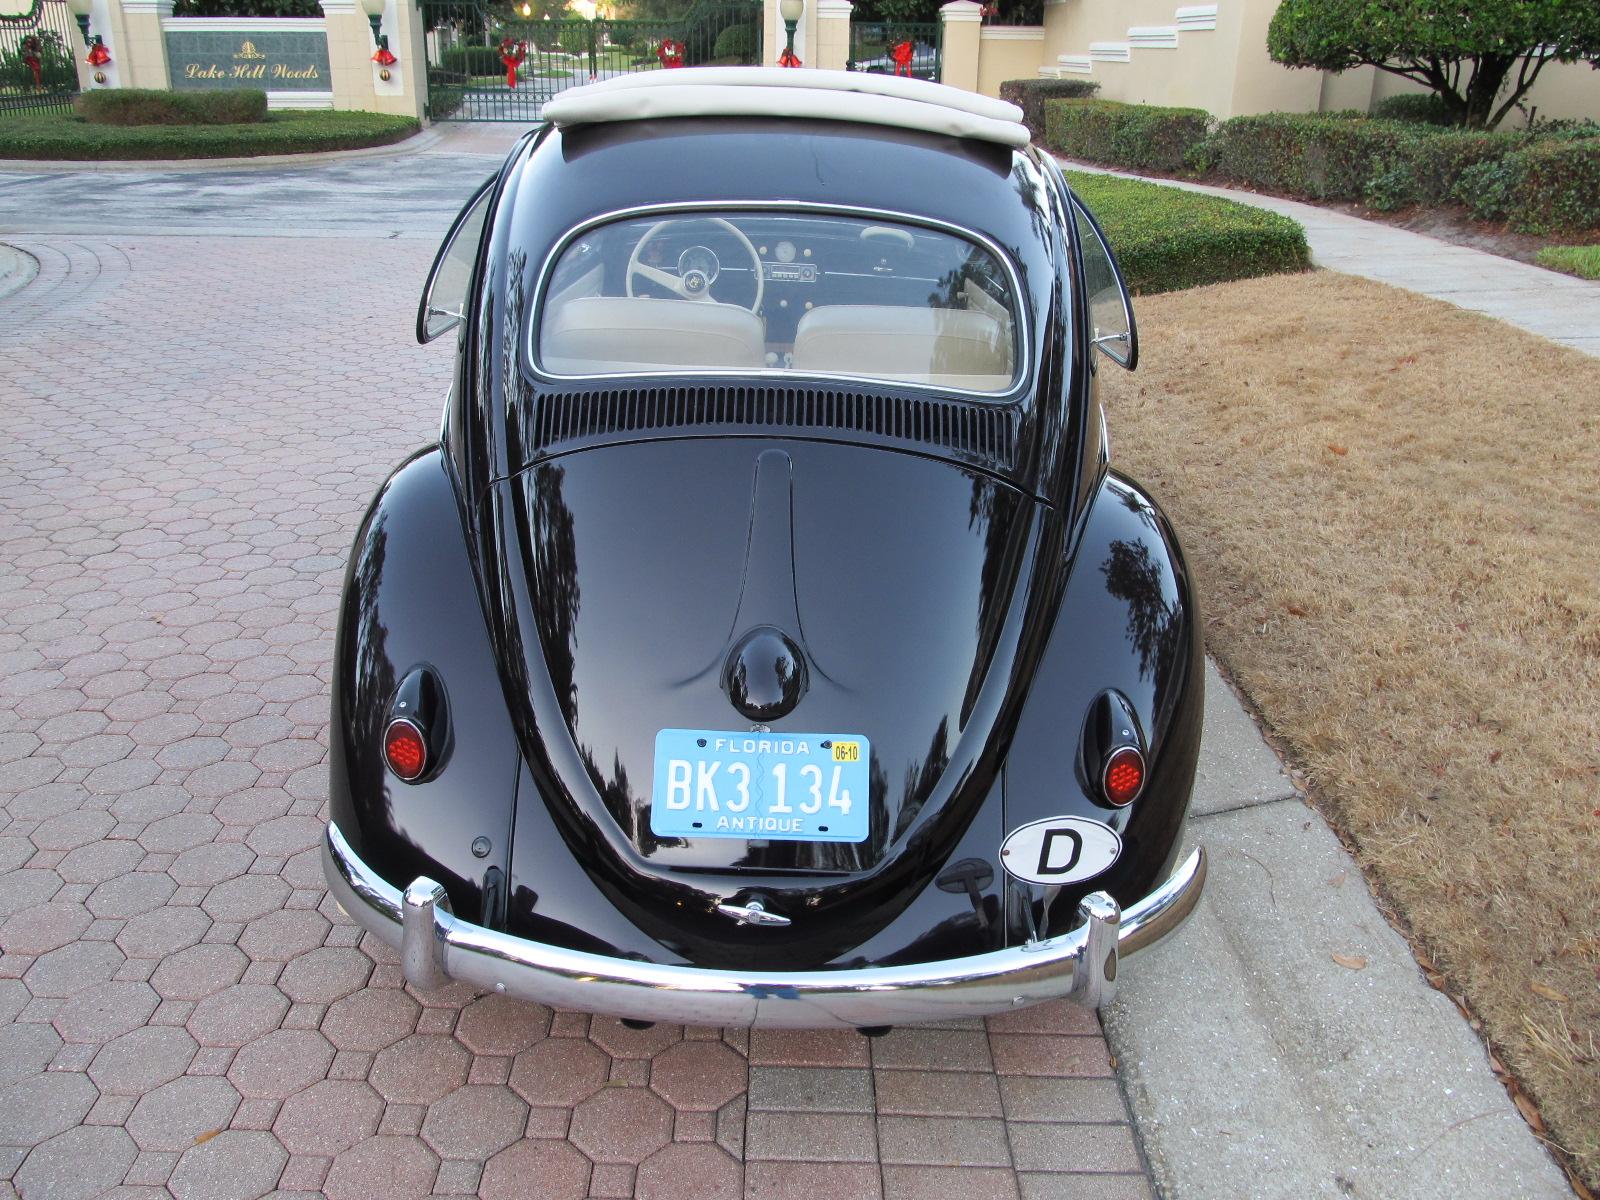 1958 Volkswagen Beetle Ragtop - SOLD! - Vantage Sports Cars